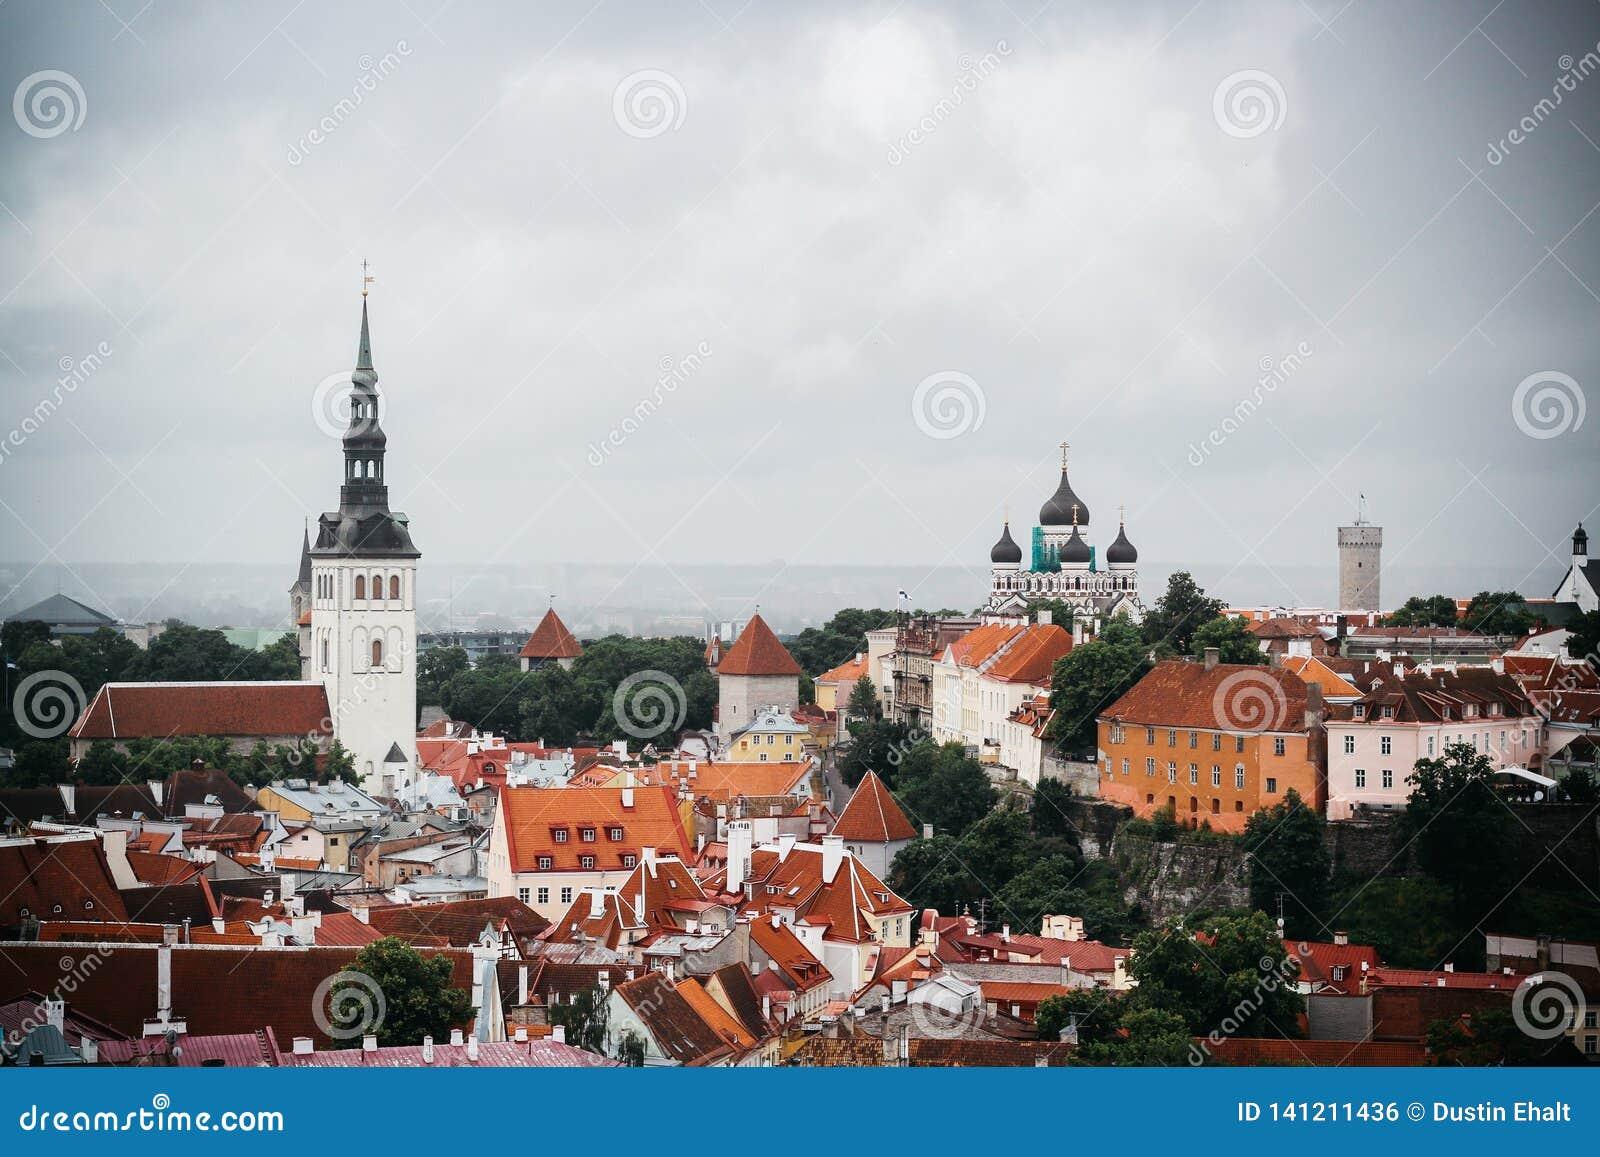 Gammal stad i Estland från en synvinkel